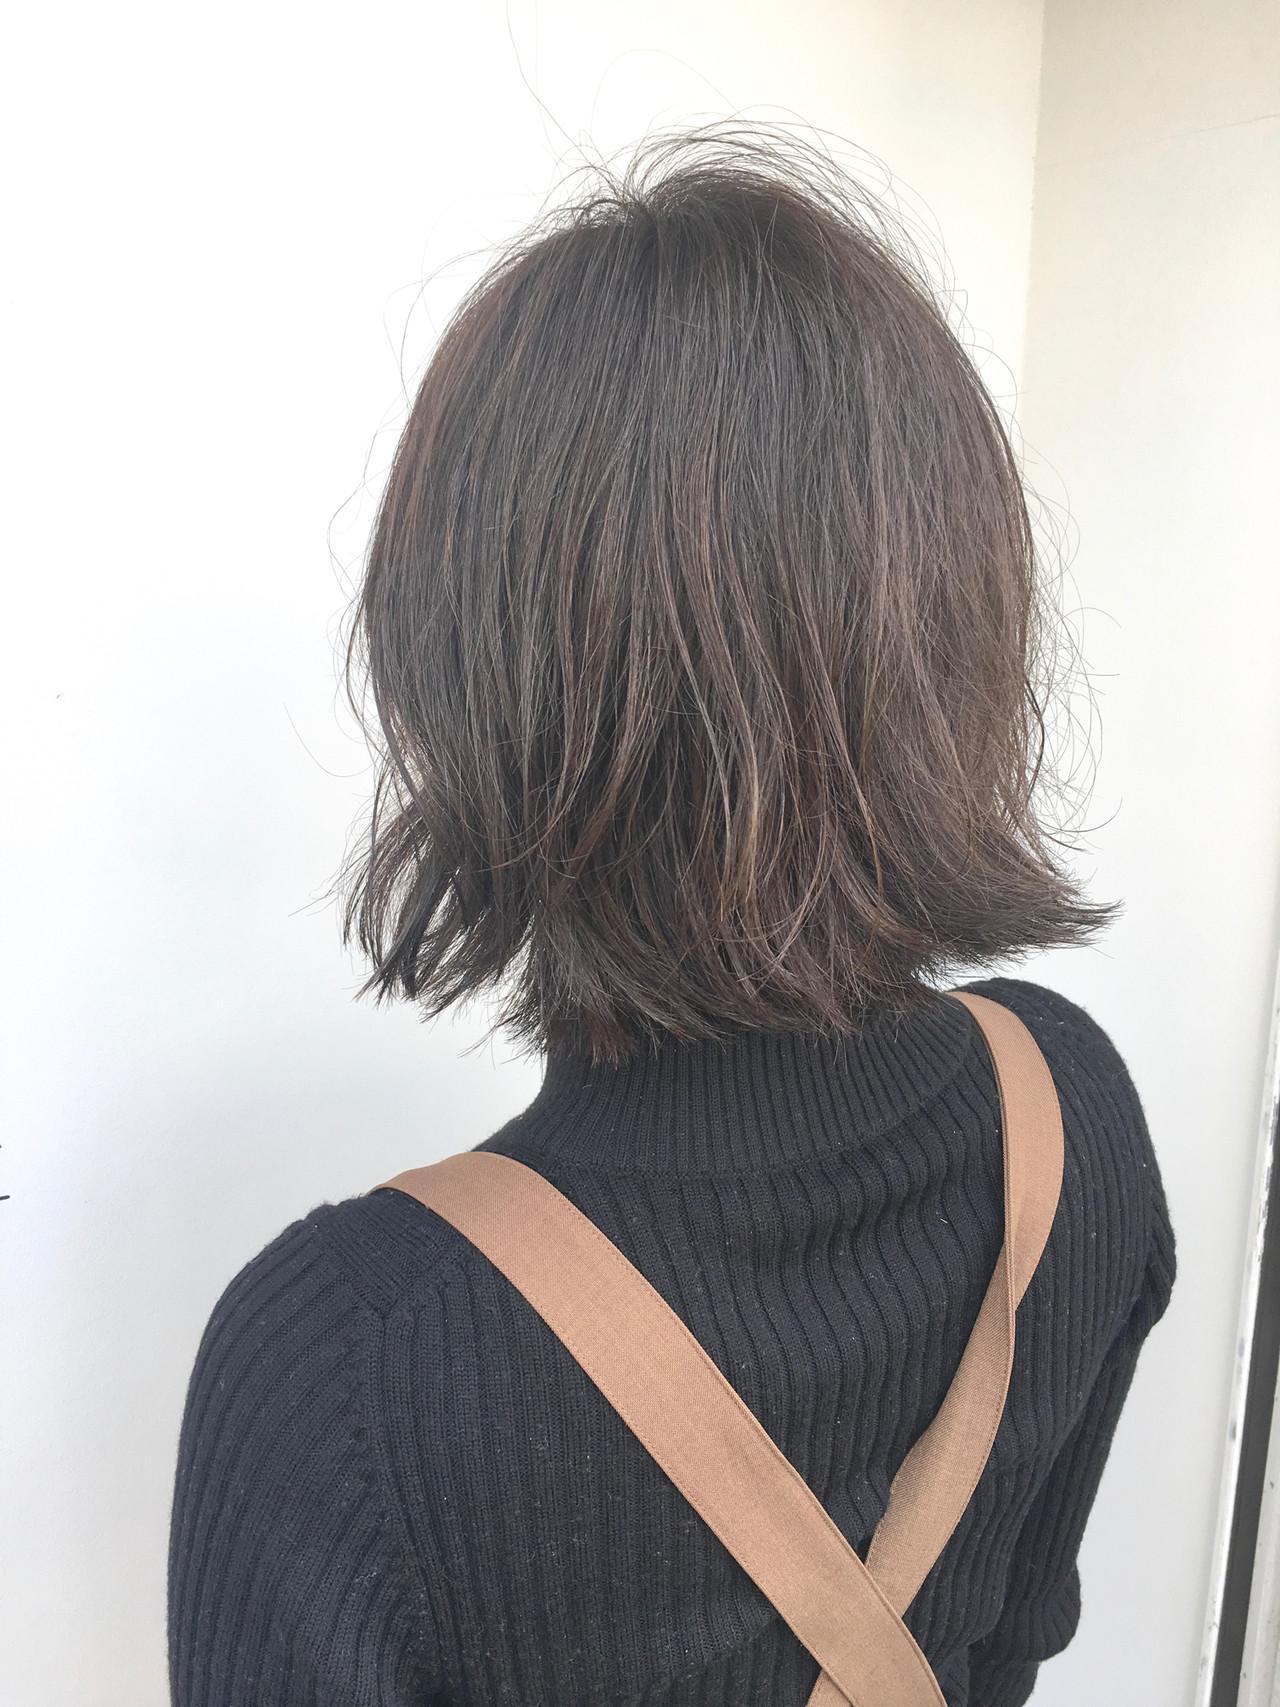 デート アンニュイほつれヘア ボブ ナチュラル ヘアスタイルや髪型の写真・画像 | 大津 和樹 / cachette